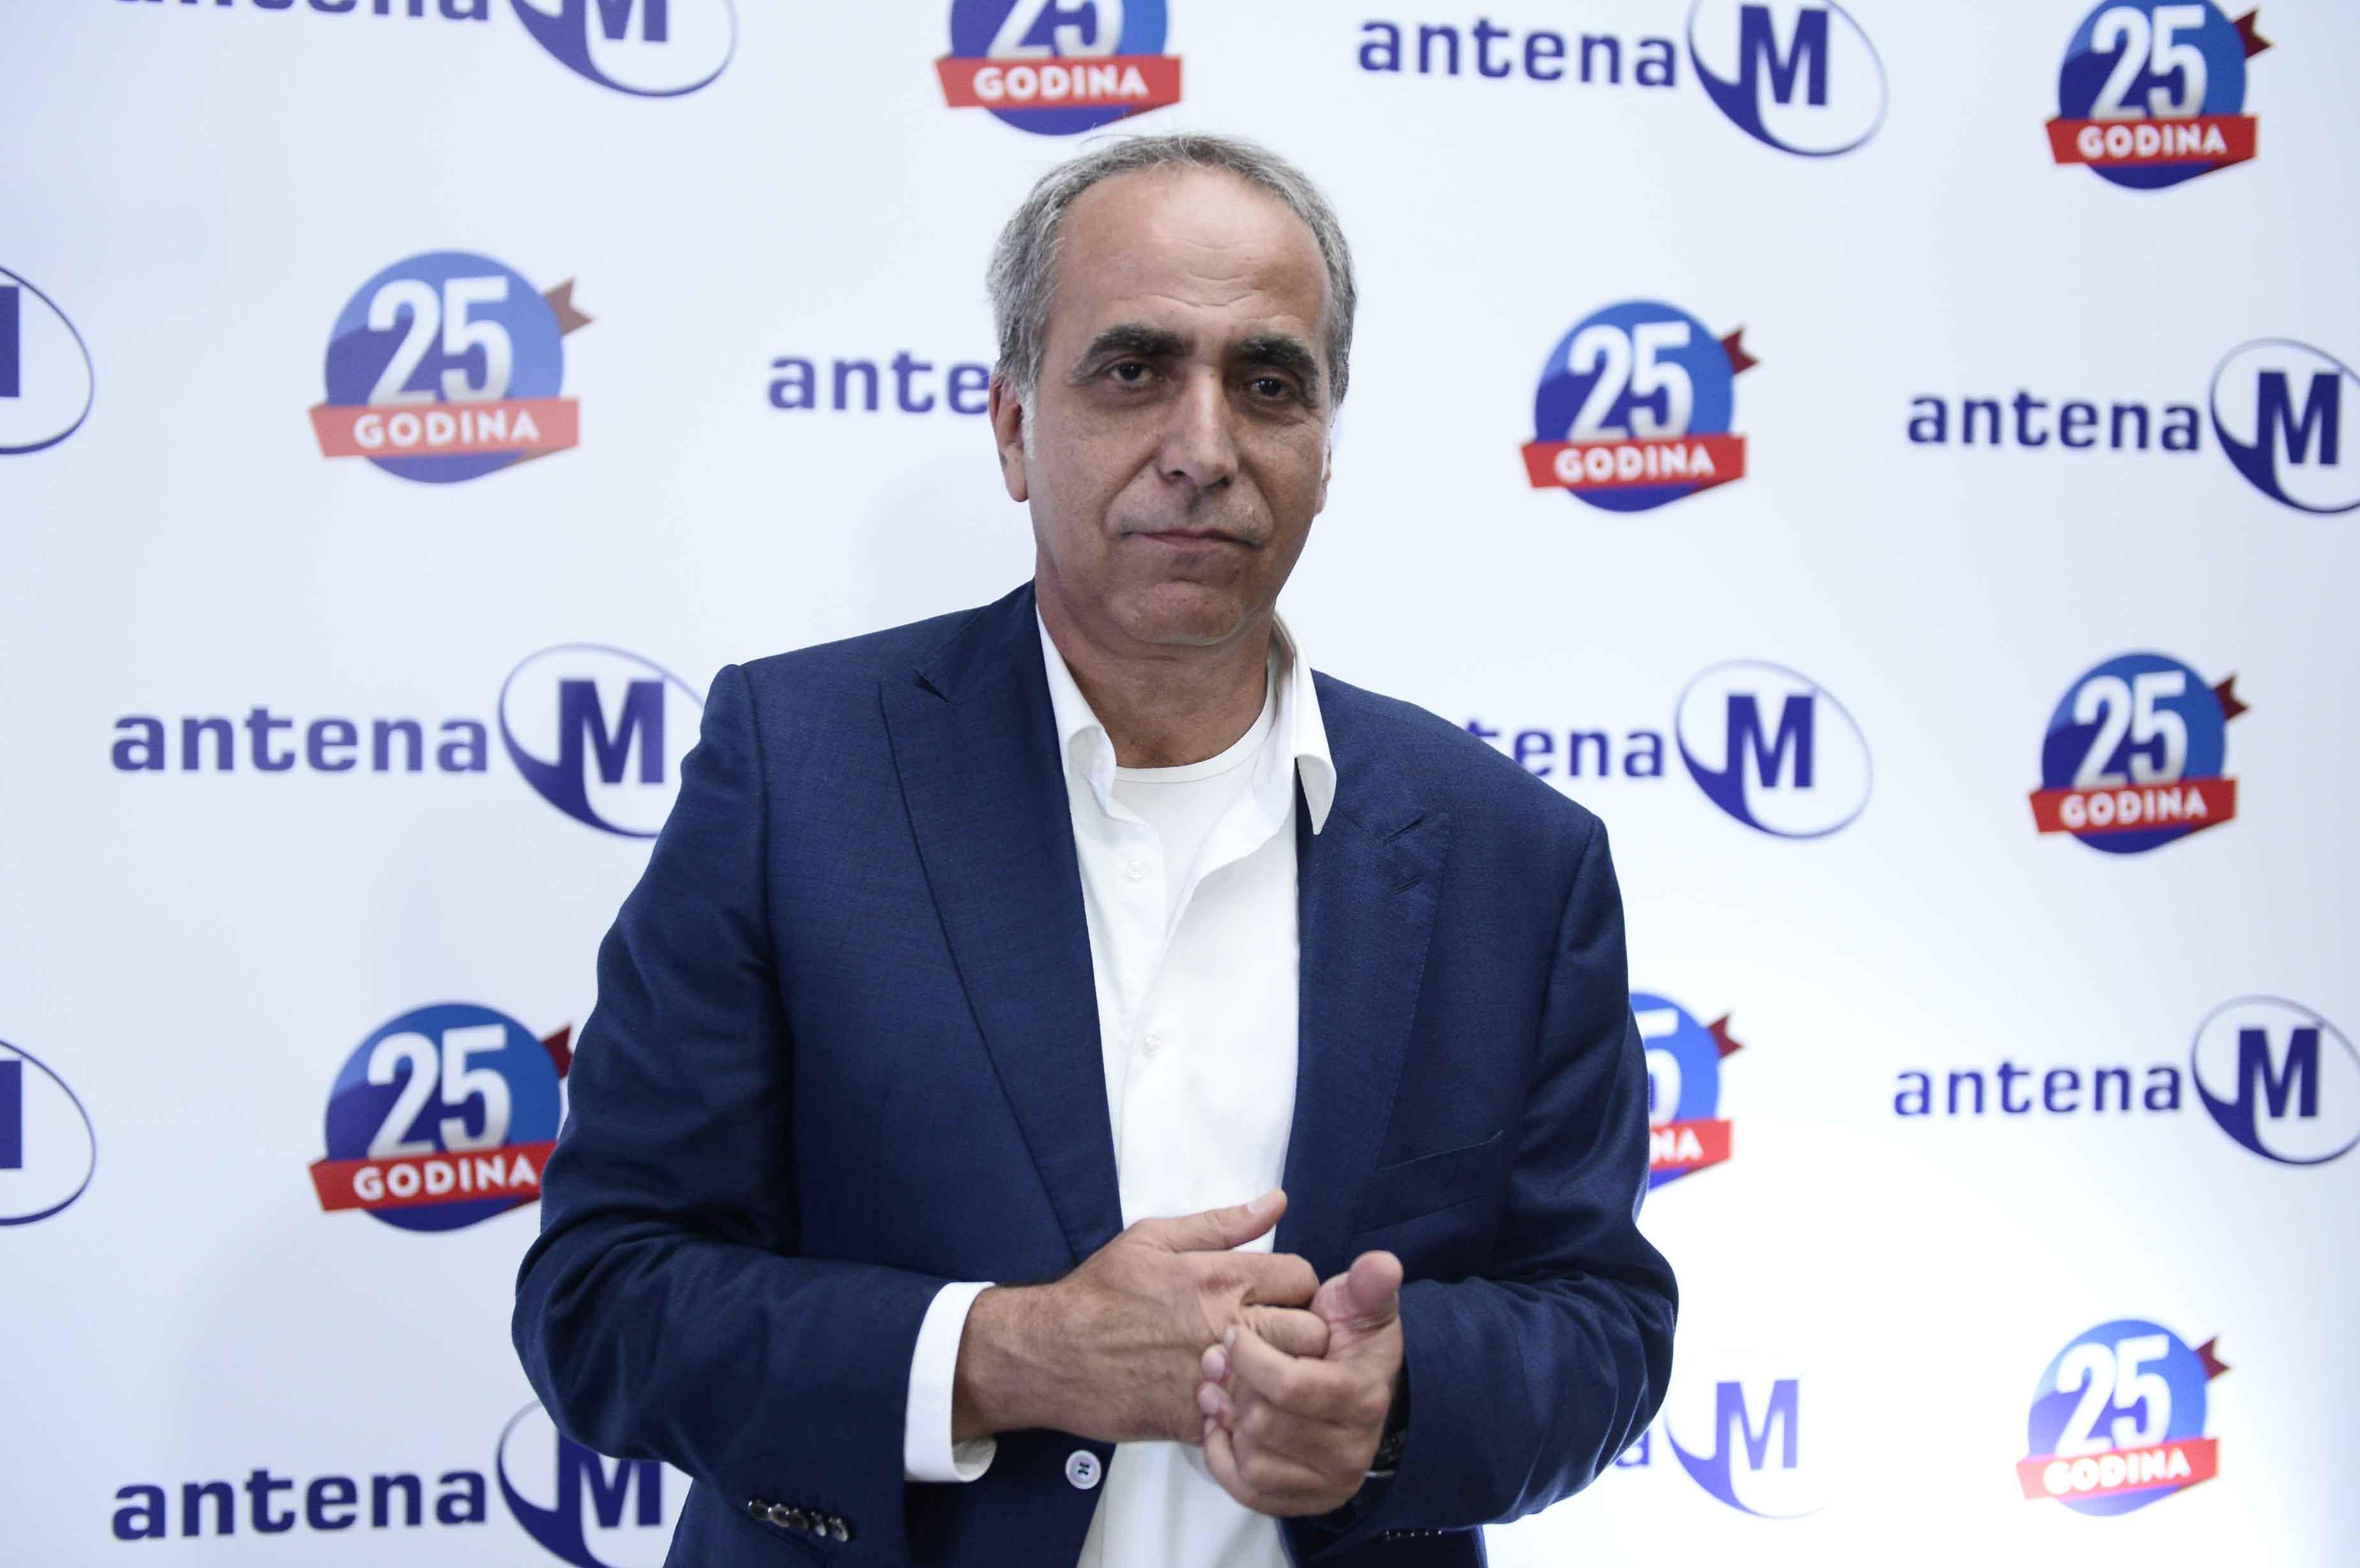 25 GODINA - Đuranović: Antena M 25 godina proizvodi novinare sa integritetom